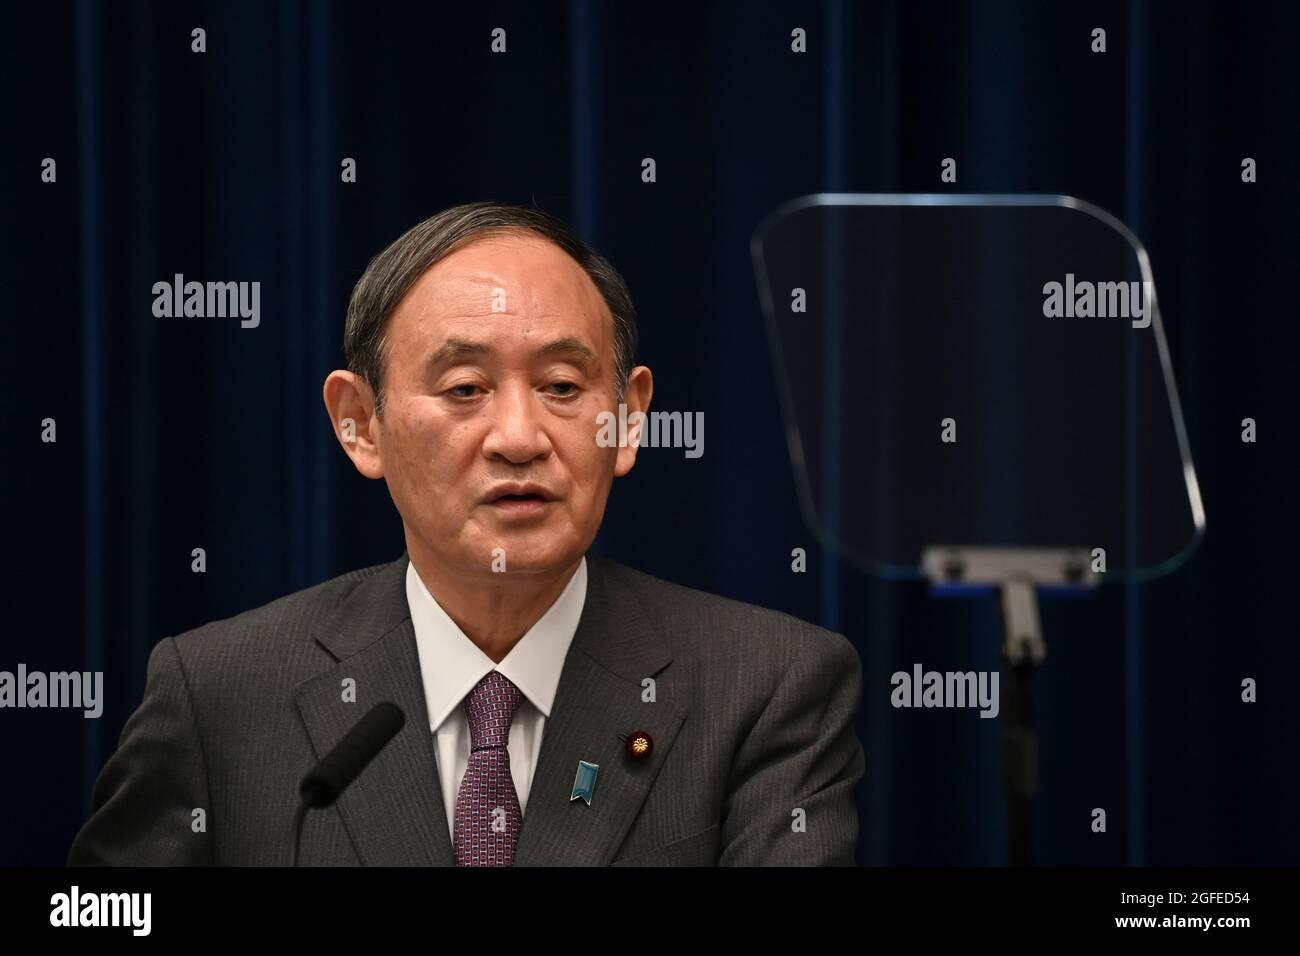 Tokio, Japan. August 2021. Japans Premierminister Yoshihihide Suga spricht während einer Pressekonferenz im Büro des Premierministers in Tokio. (Bild: © POOL via ZUMA Press Wire) Bild: ZUMA Press, Inc./Alamy Live News Stockfoto